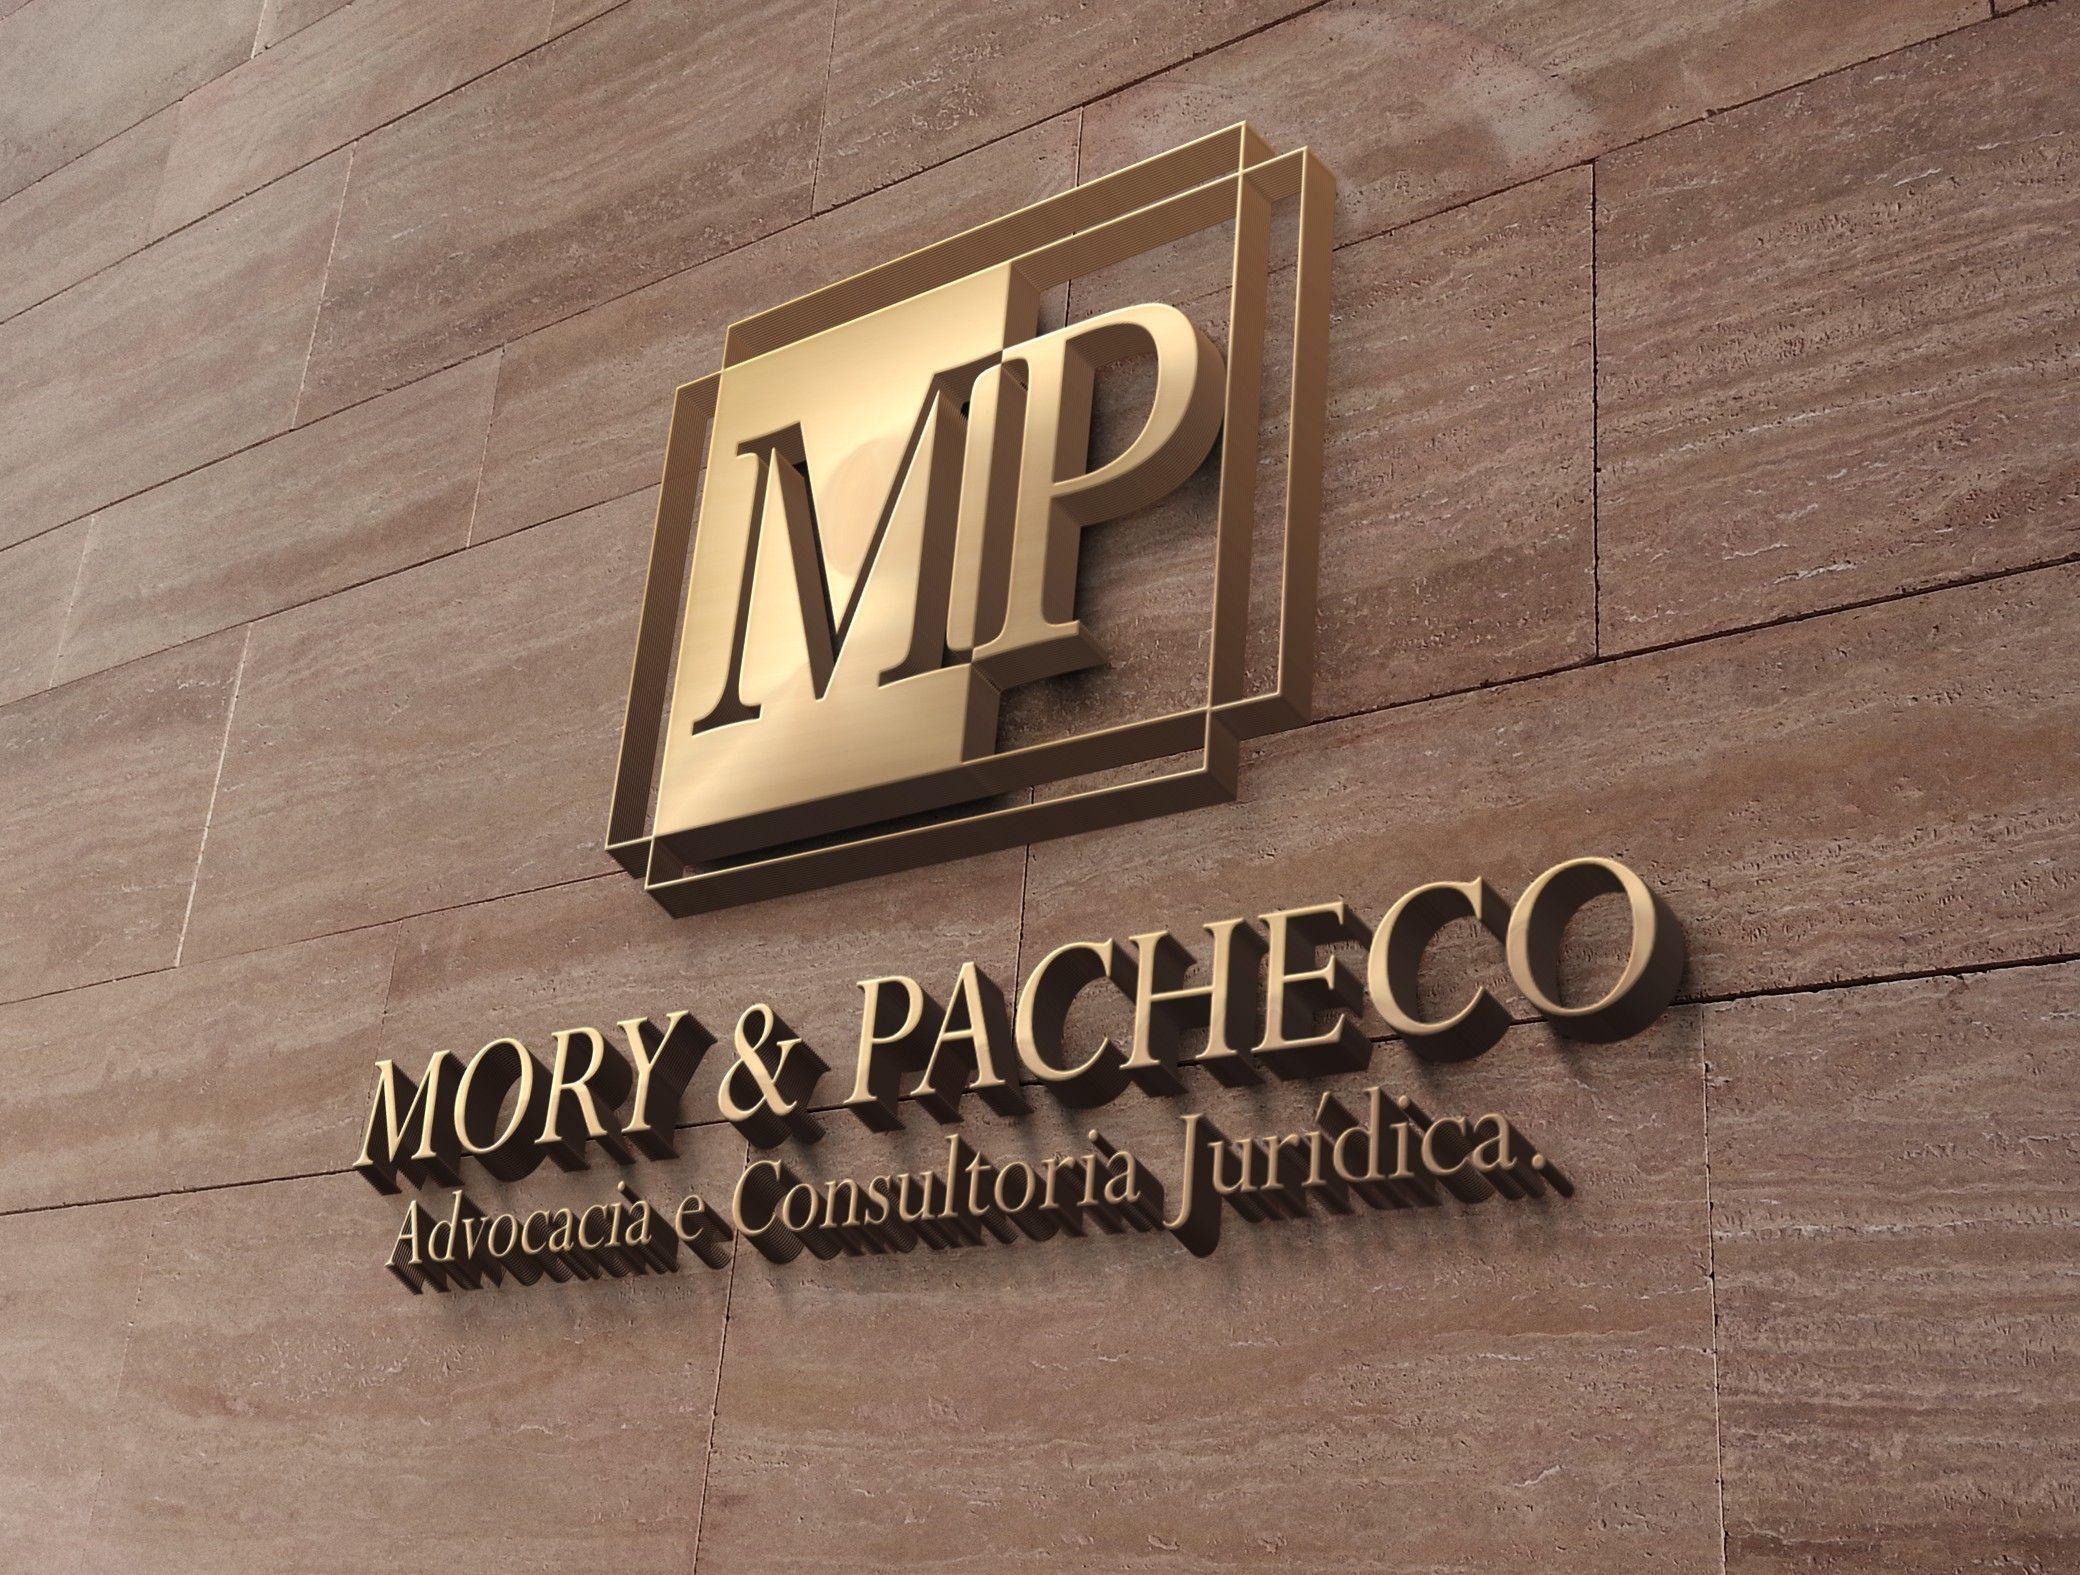 Mory & Pacheco Advocacia